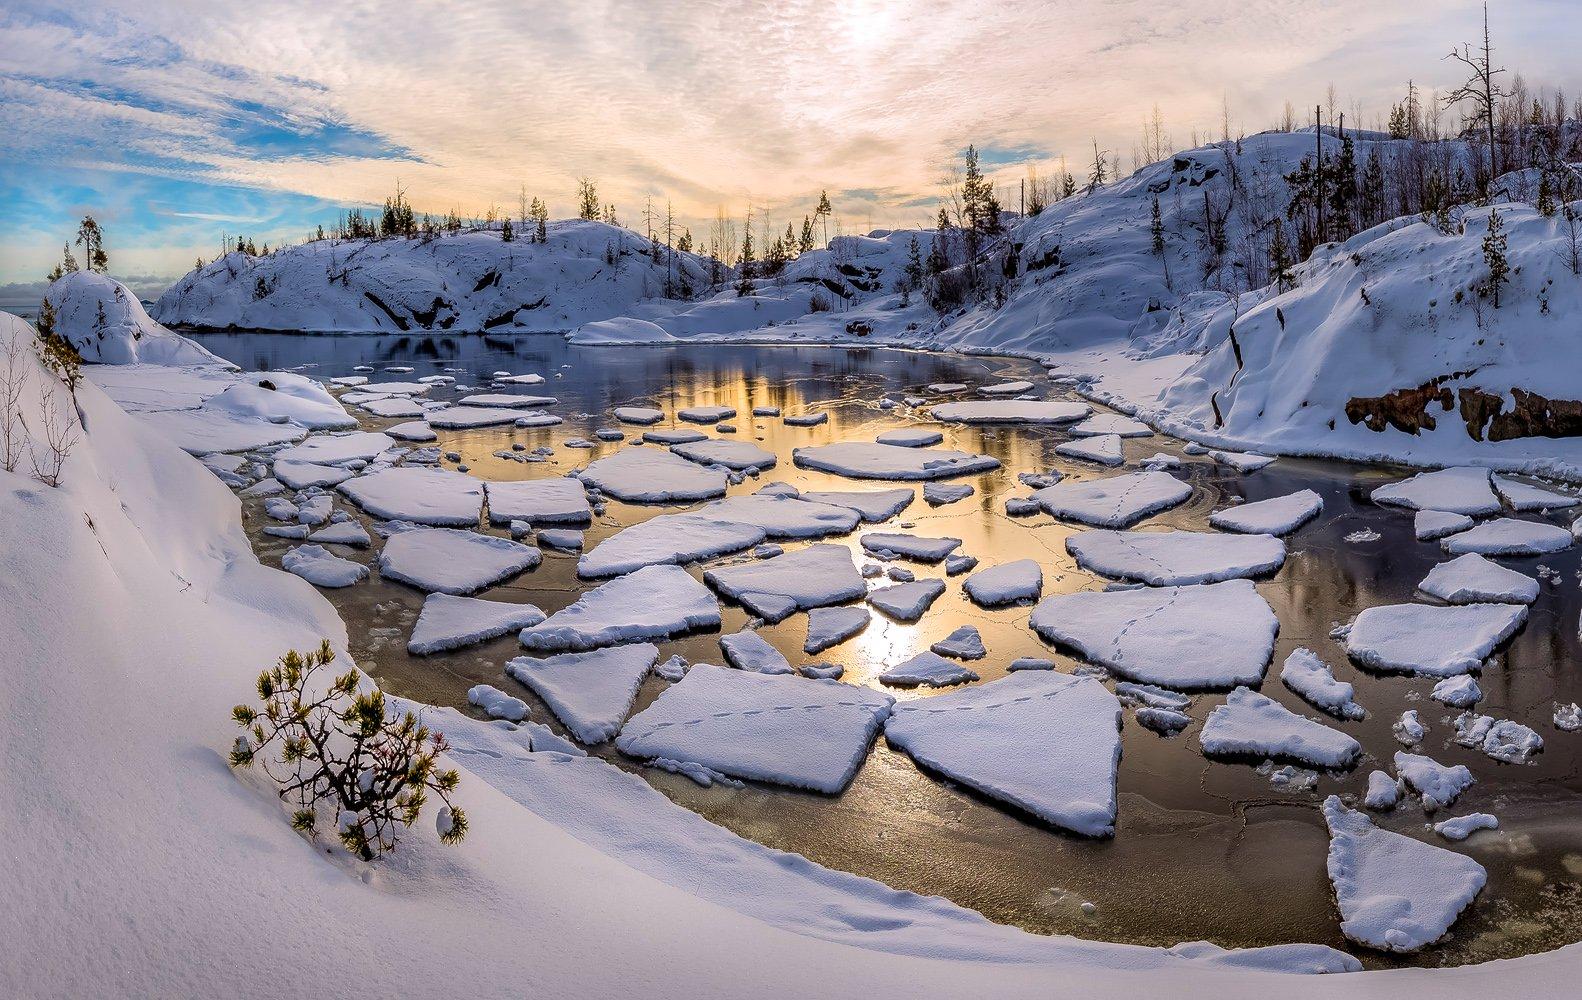 ладожское озеро, карелия, остров, зима, снег, рассвет, бухта, лёд, фототур, льдины, берег., Лашков Фёдор